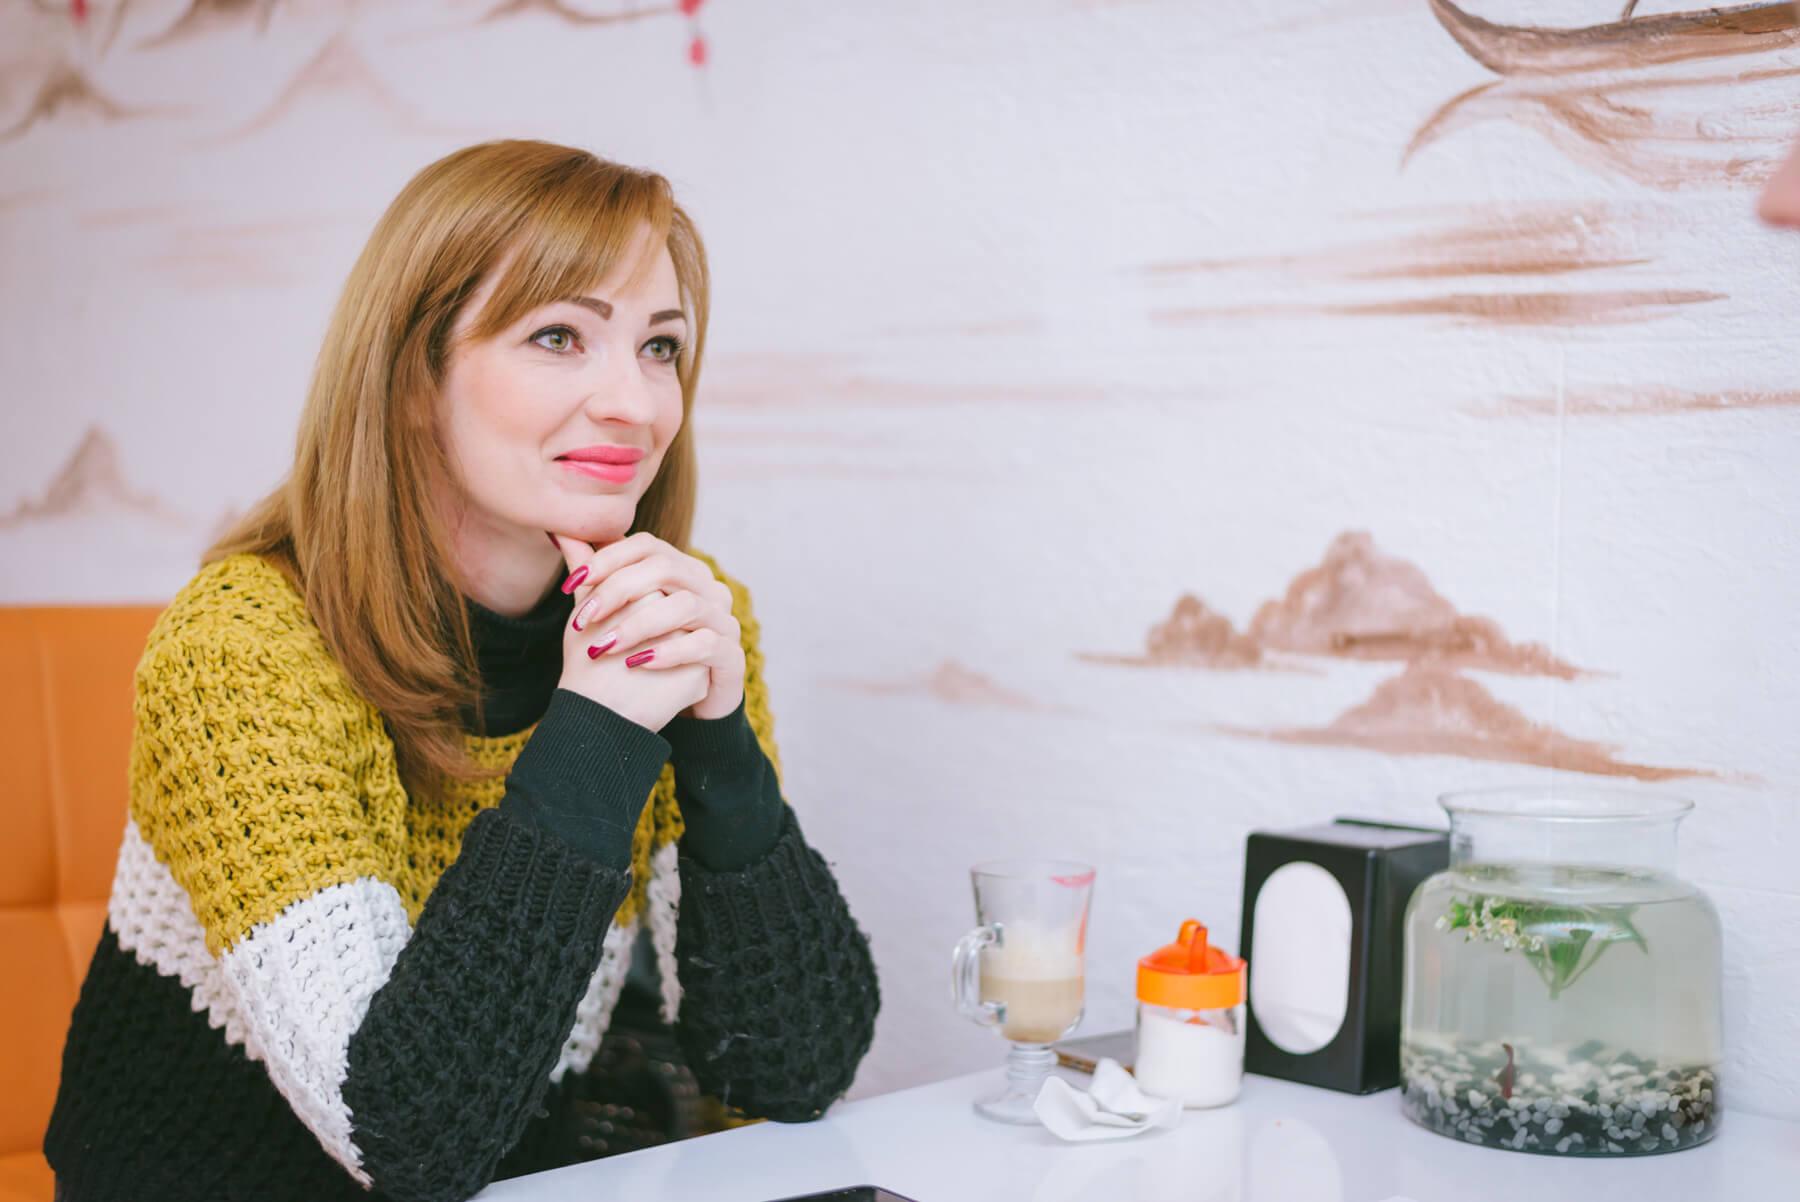 Життя у вирі мистецтва:  Ірина Ярмоленко про театр, поезію та ділову хватку